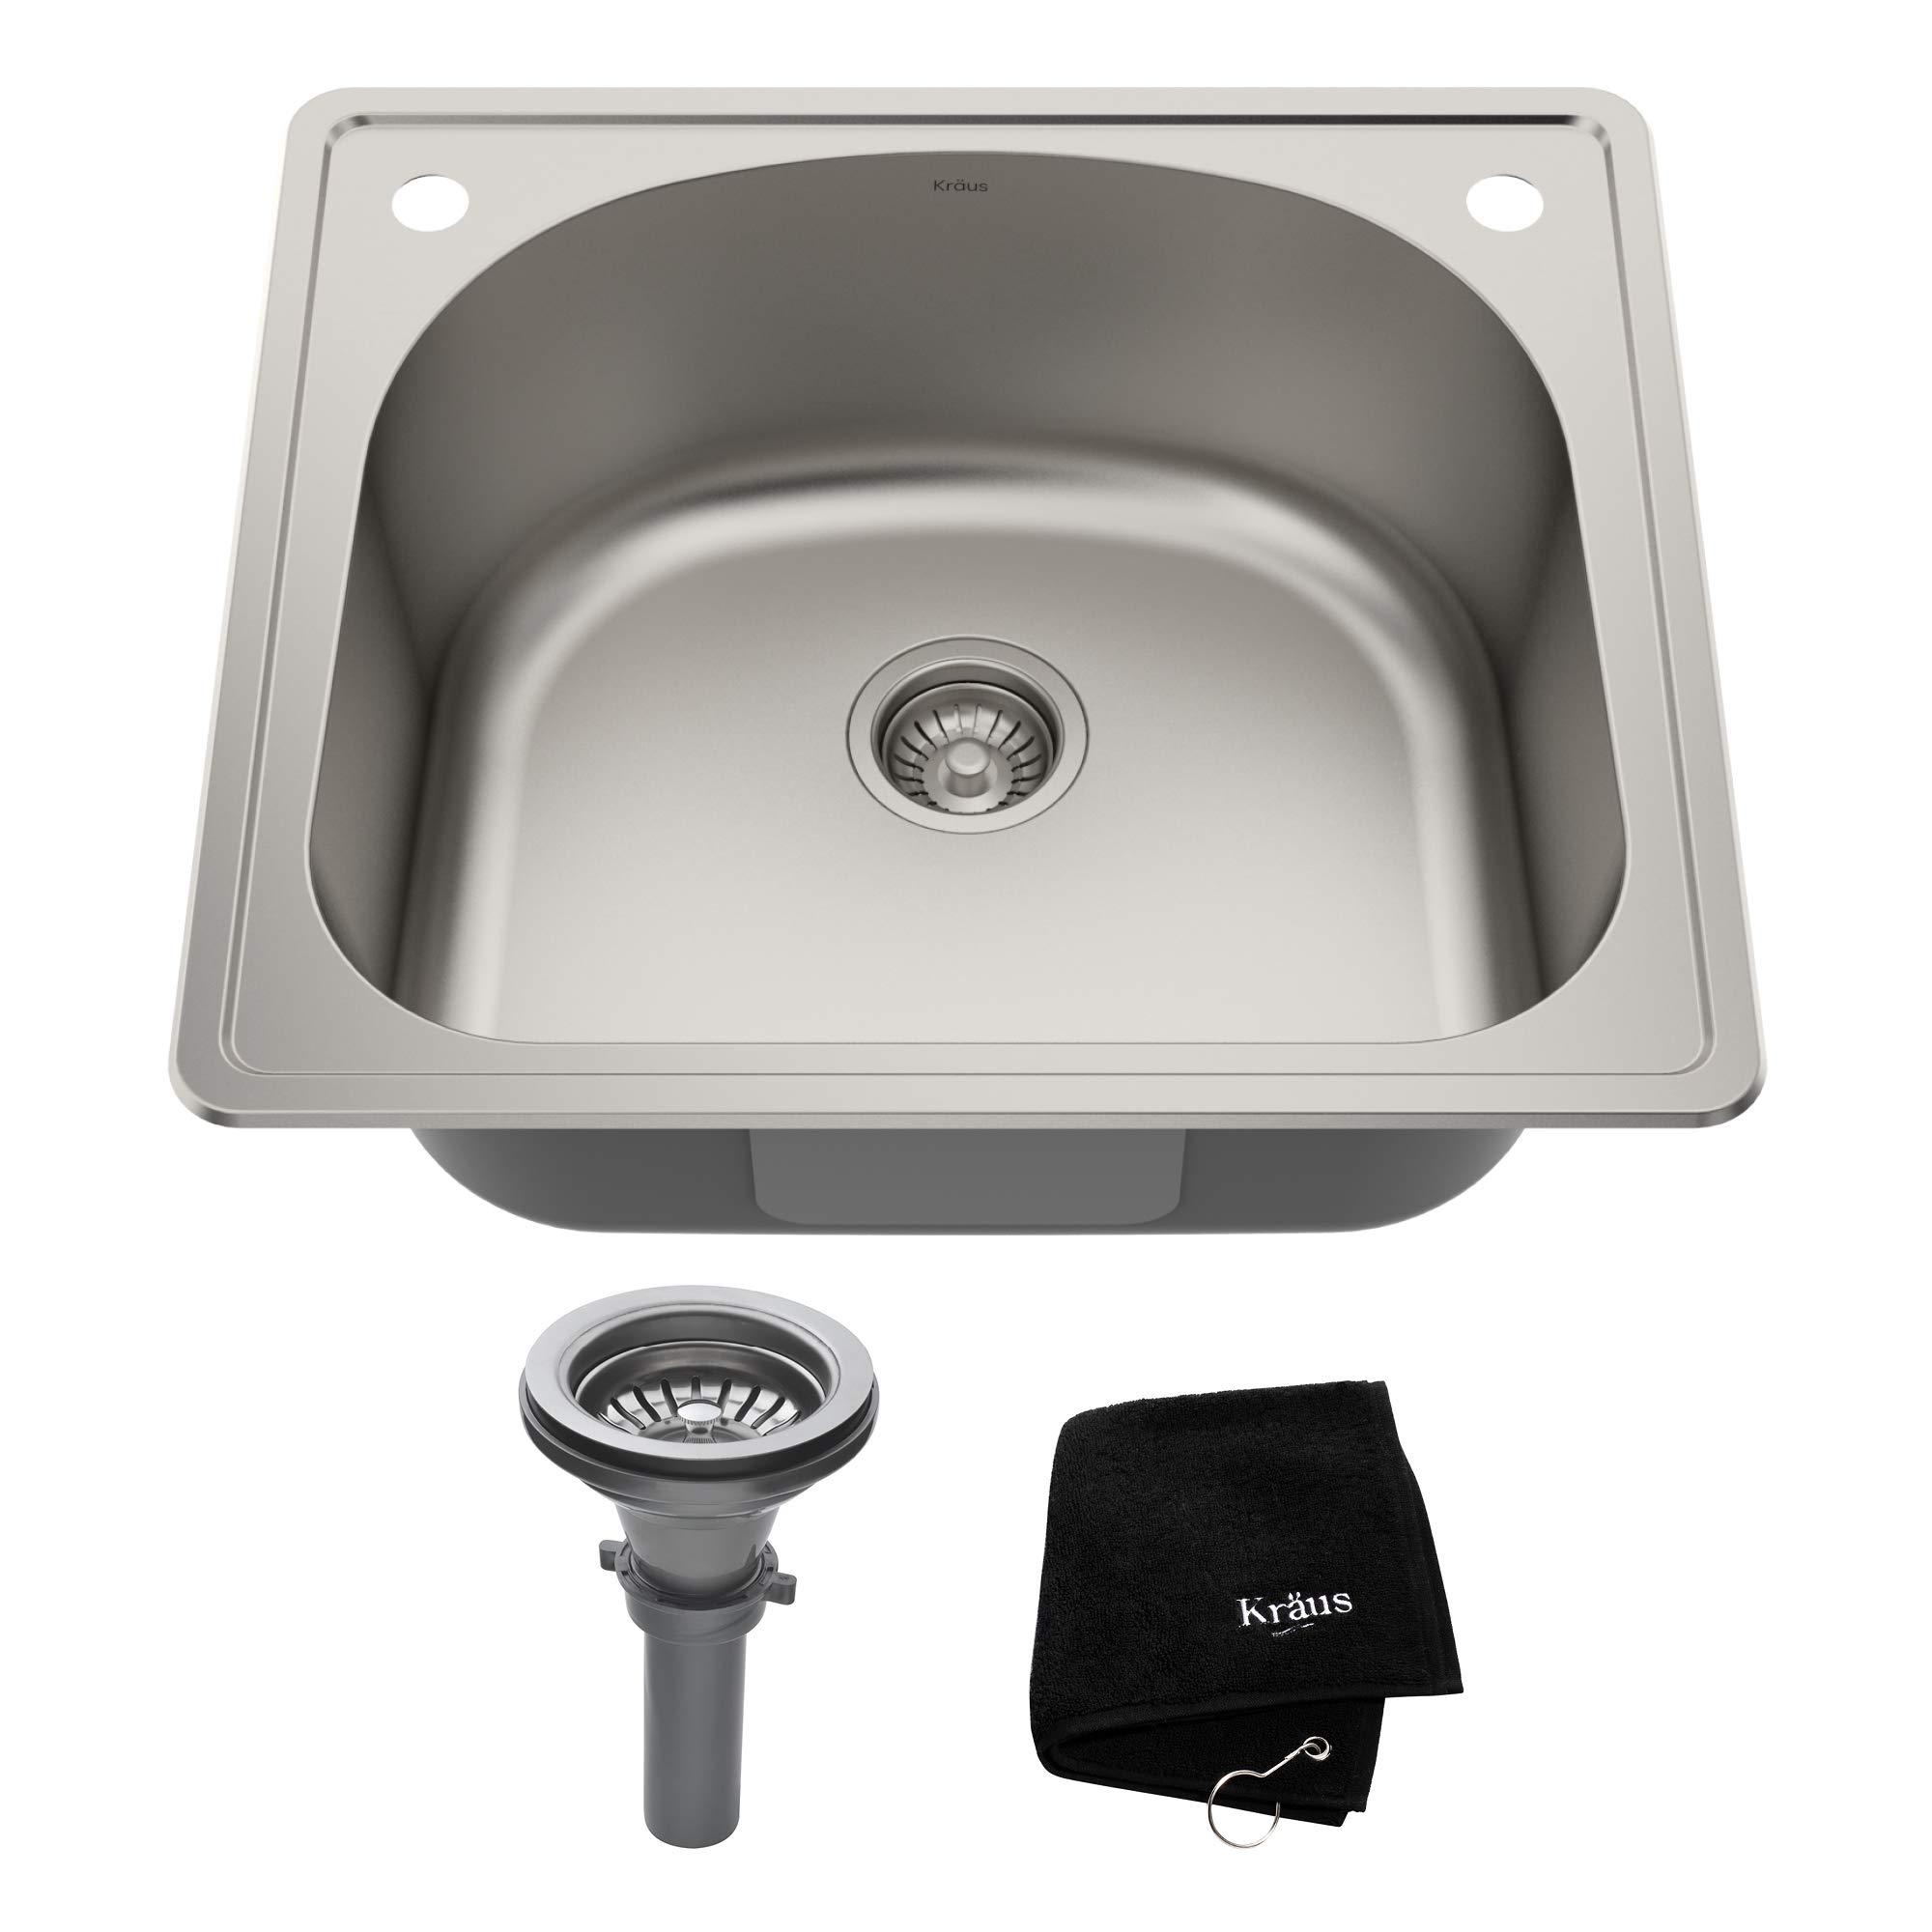 Kraus KTM24 25 inch Topmount Single Bowl 18 gauge Stainless Steel Kitchen Sink